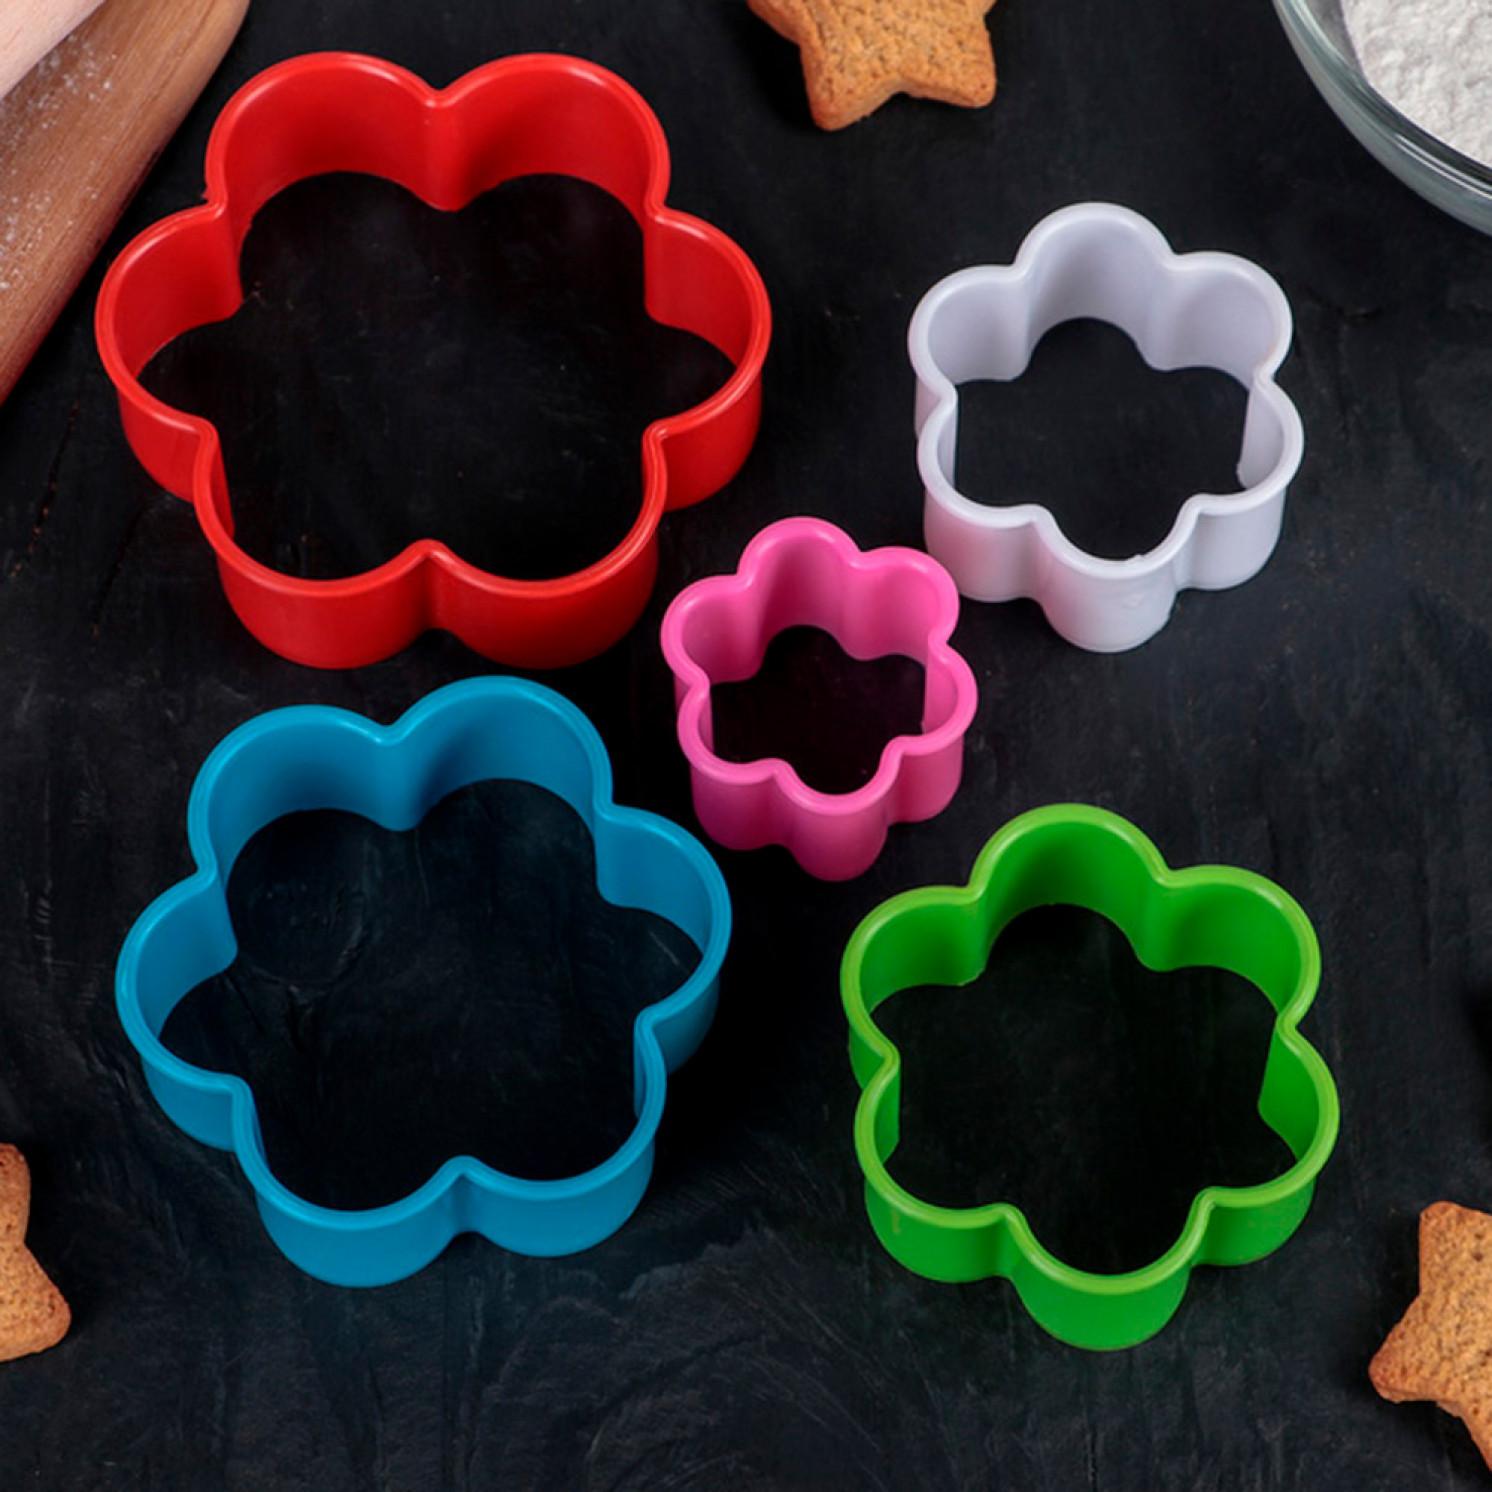 Набор форм для вырезания печенья, 5 шт: 9 см, 8 см, 6,7 см, 5,5 см, 4 см, цвета МИКС